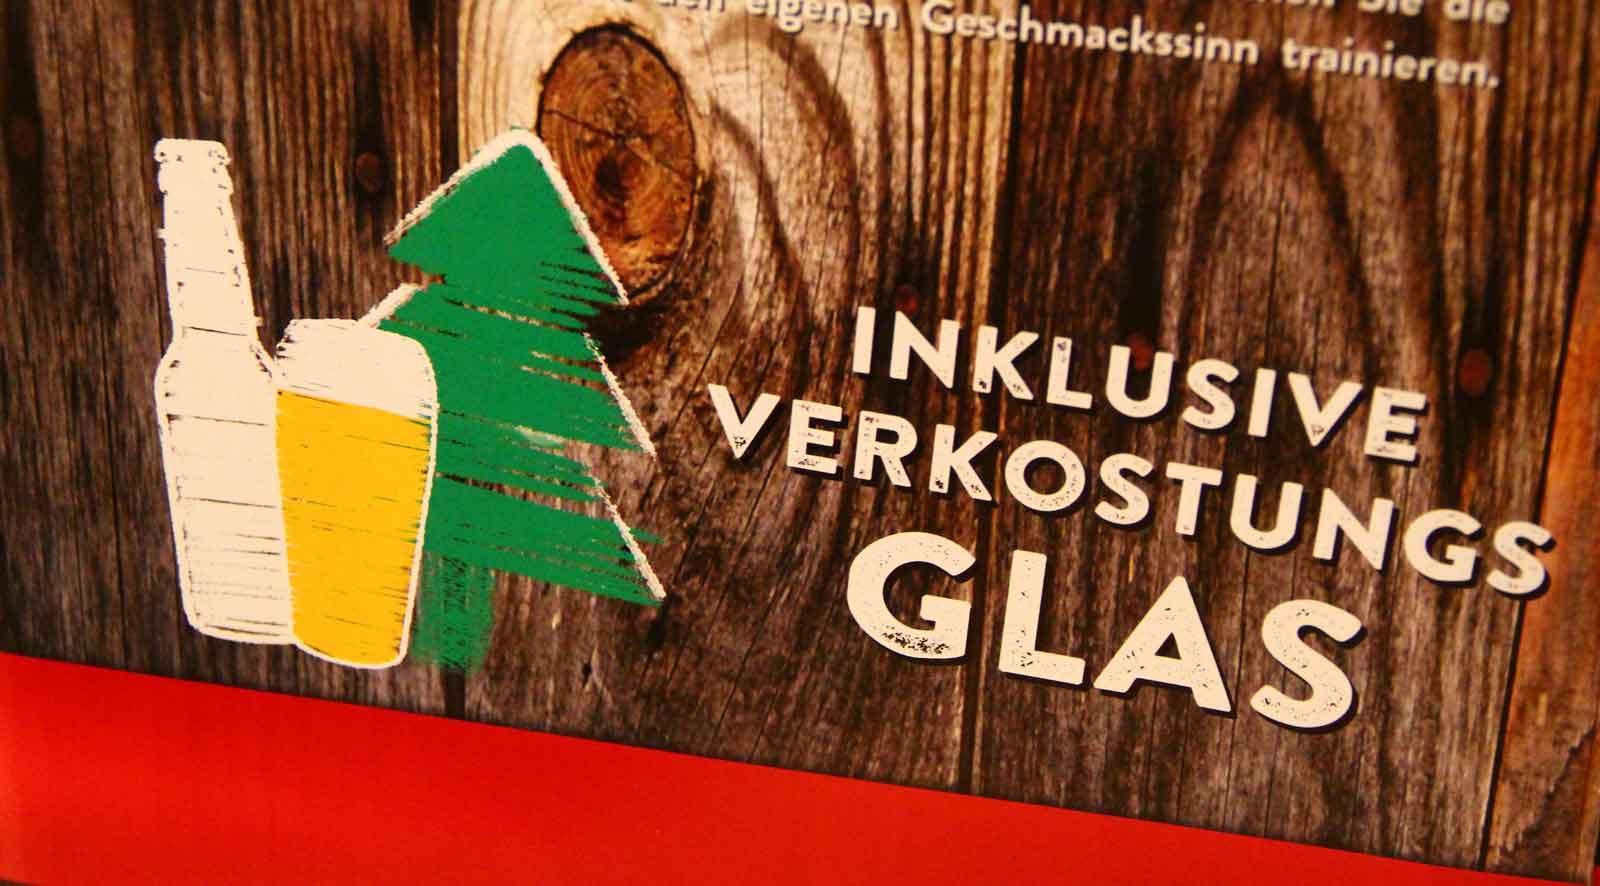 Bierkalender2014-Glas